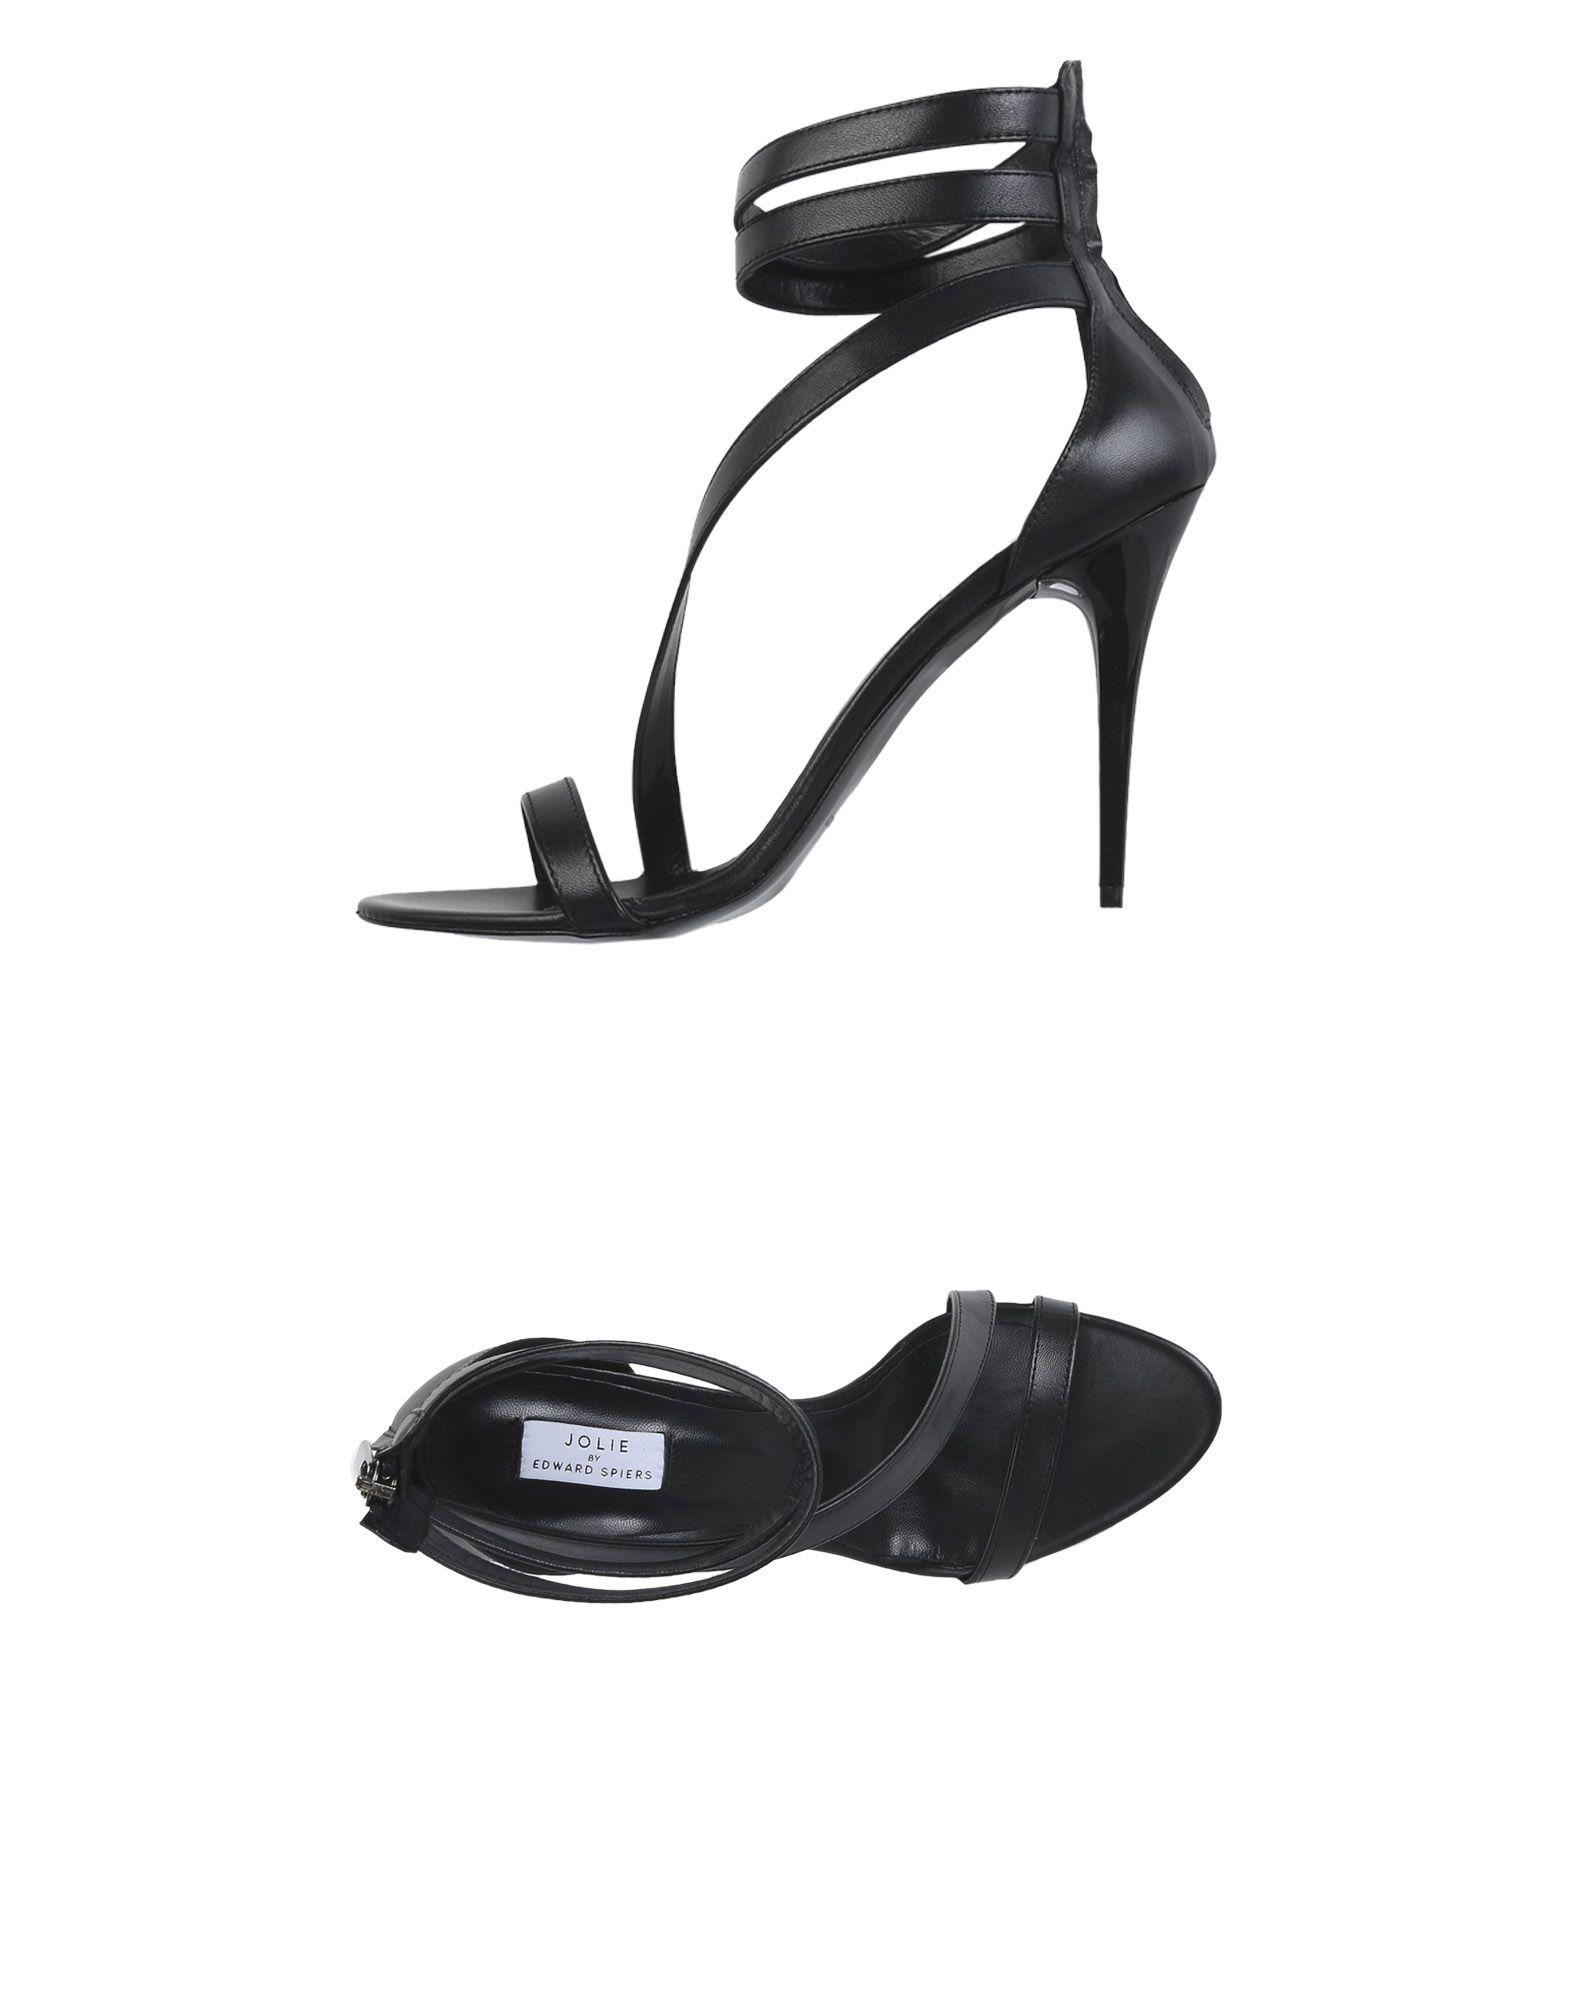 Jolie Spiers By Edward Spiers Jolie Sandalen Damen  11477797TX Gute Qualität beliebte Schuhe f32b5e